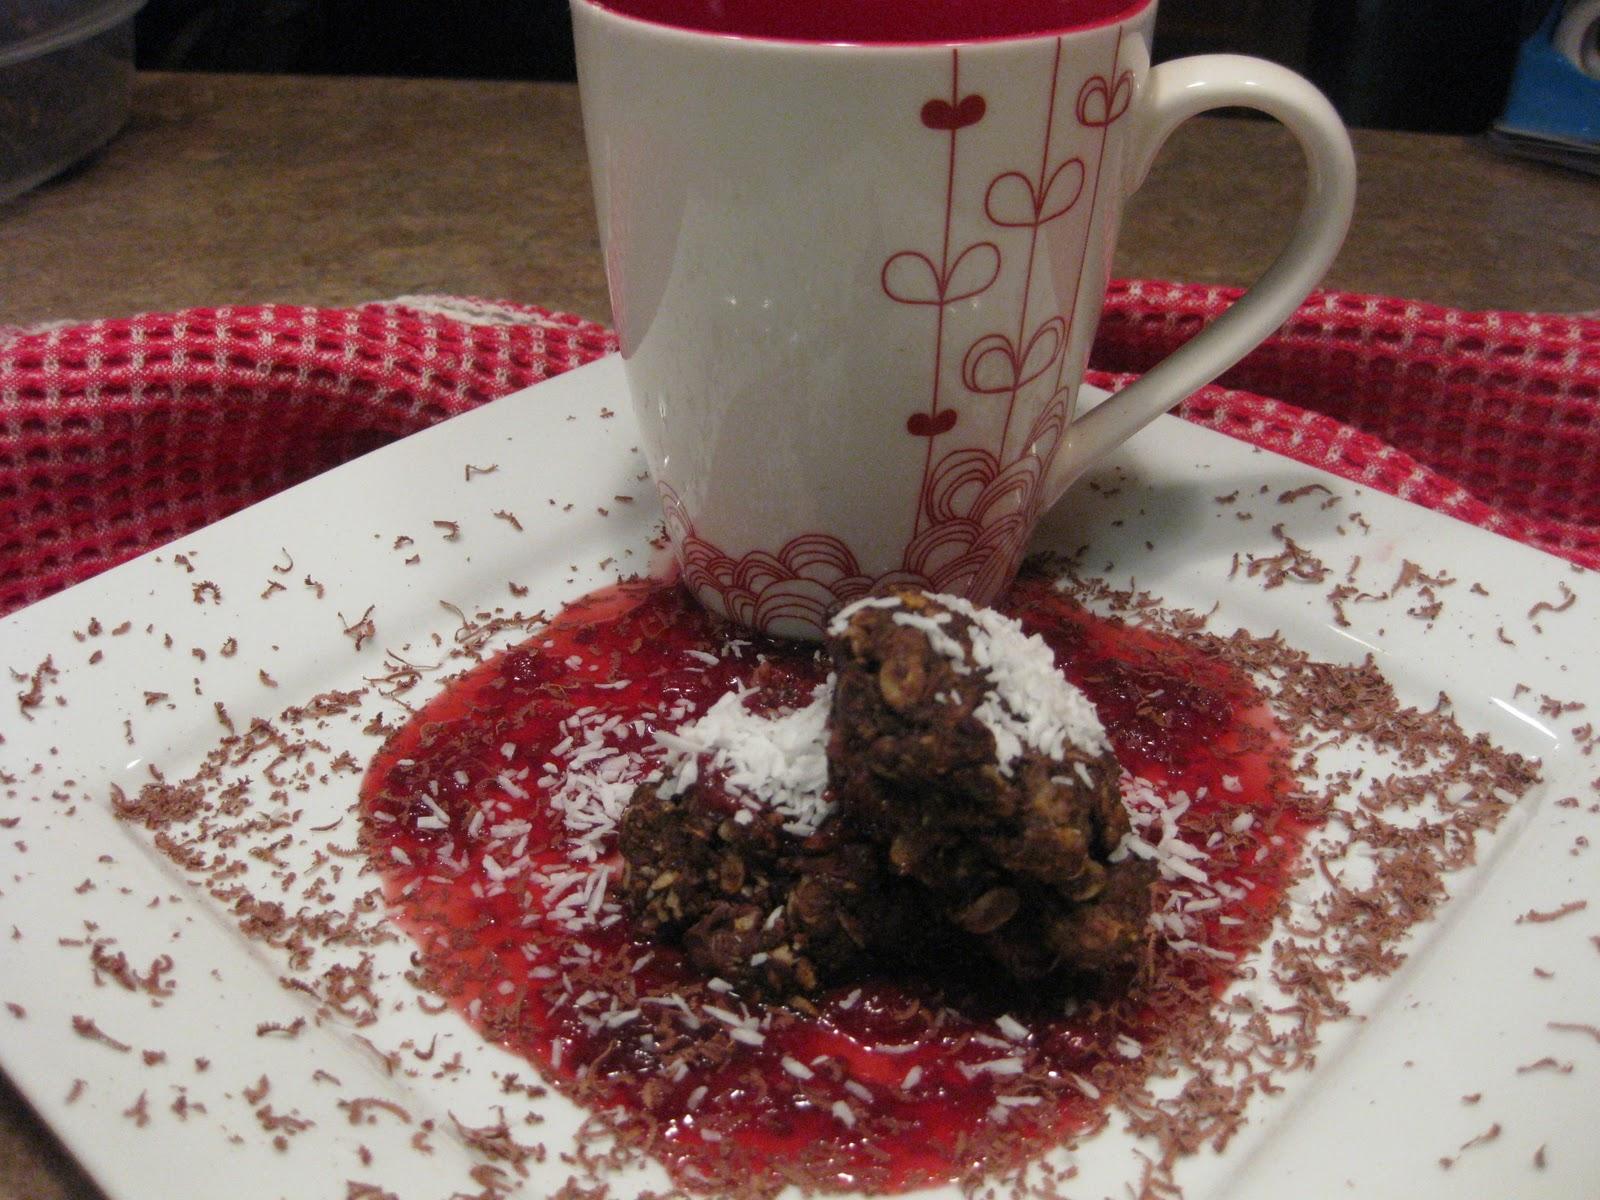 http://2.bp.blogspot.com/-_XumfVerUU8/UOlJb497KyI/AAAAAAAAA9Q/ZUGUSZ5Eg80/s1600/Valentine+day+chocolate+(5).JPG